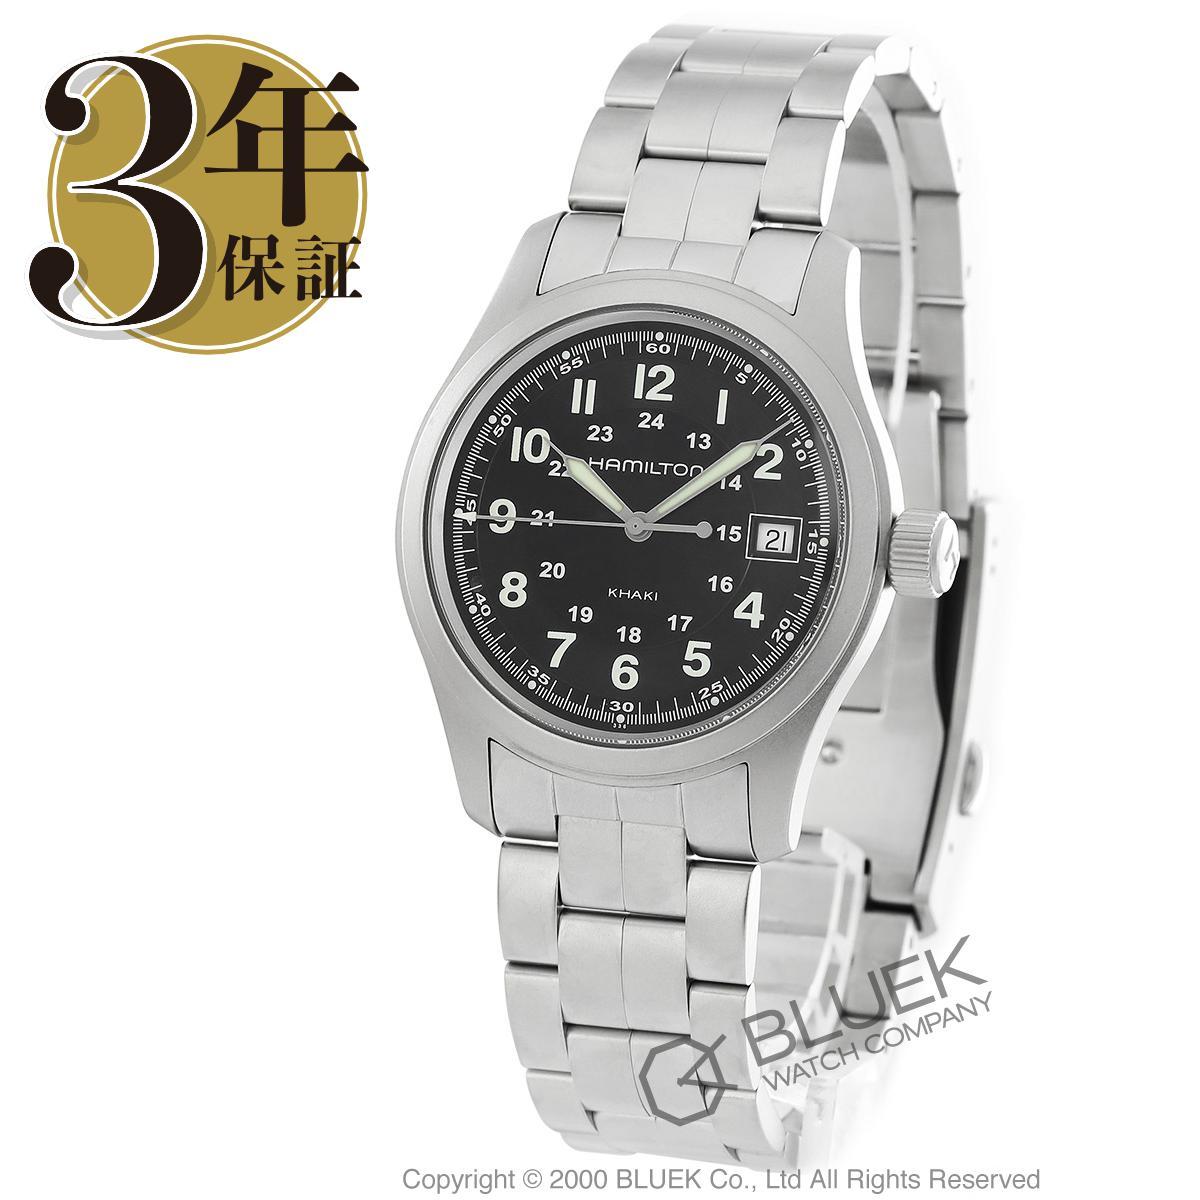 ハミルトン カーキ フィールド 腕時計 メンズ HAMILTON H68411133_8 バーゲン ギフト プレゼント